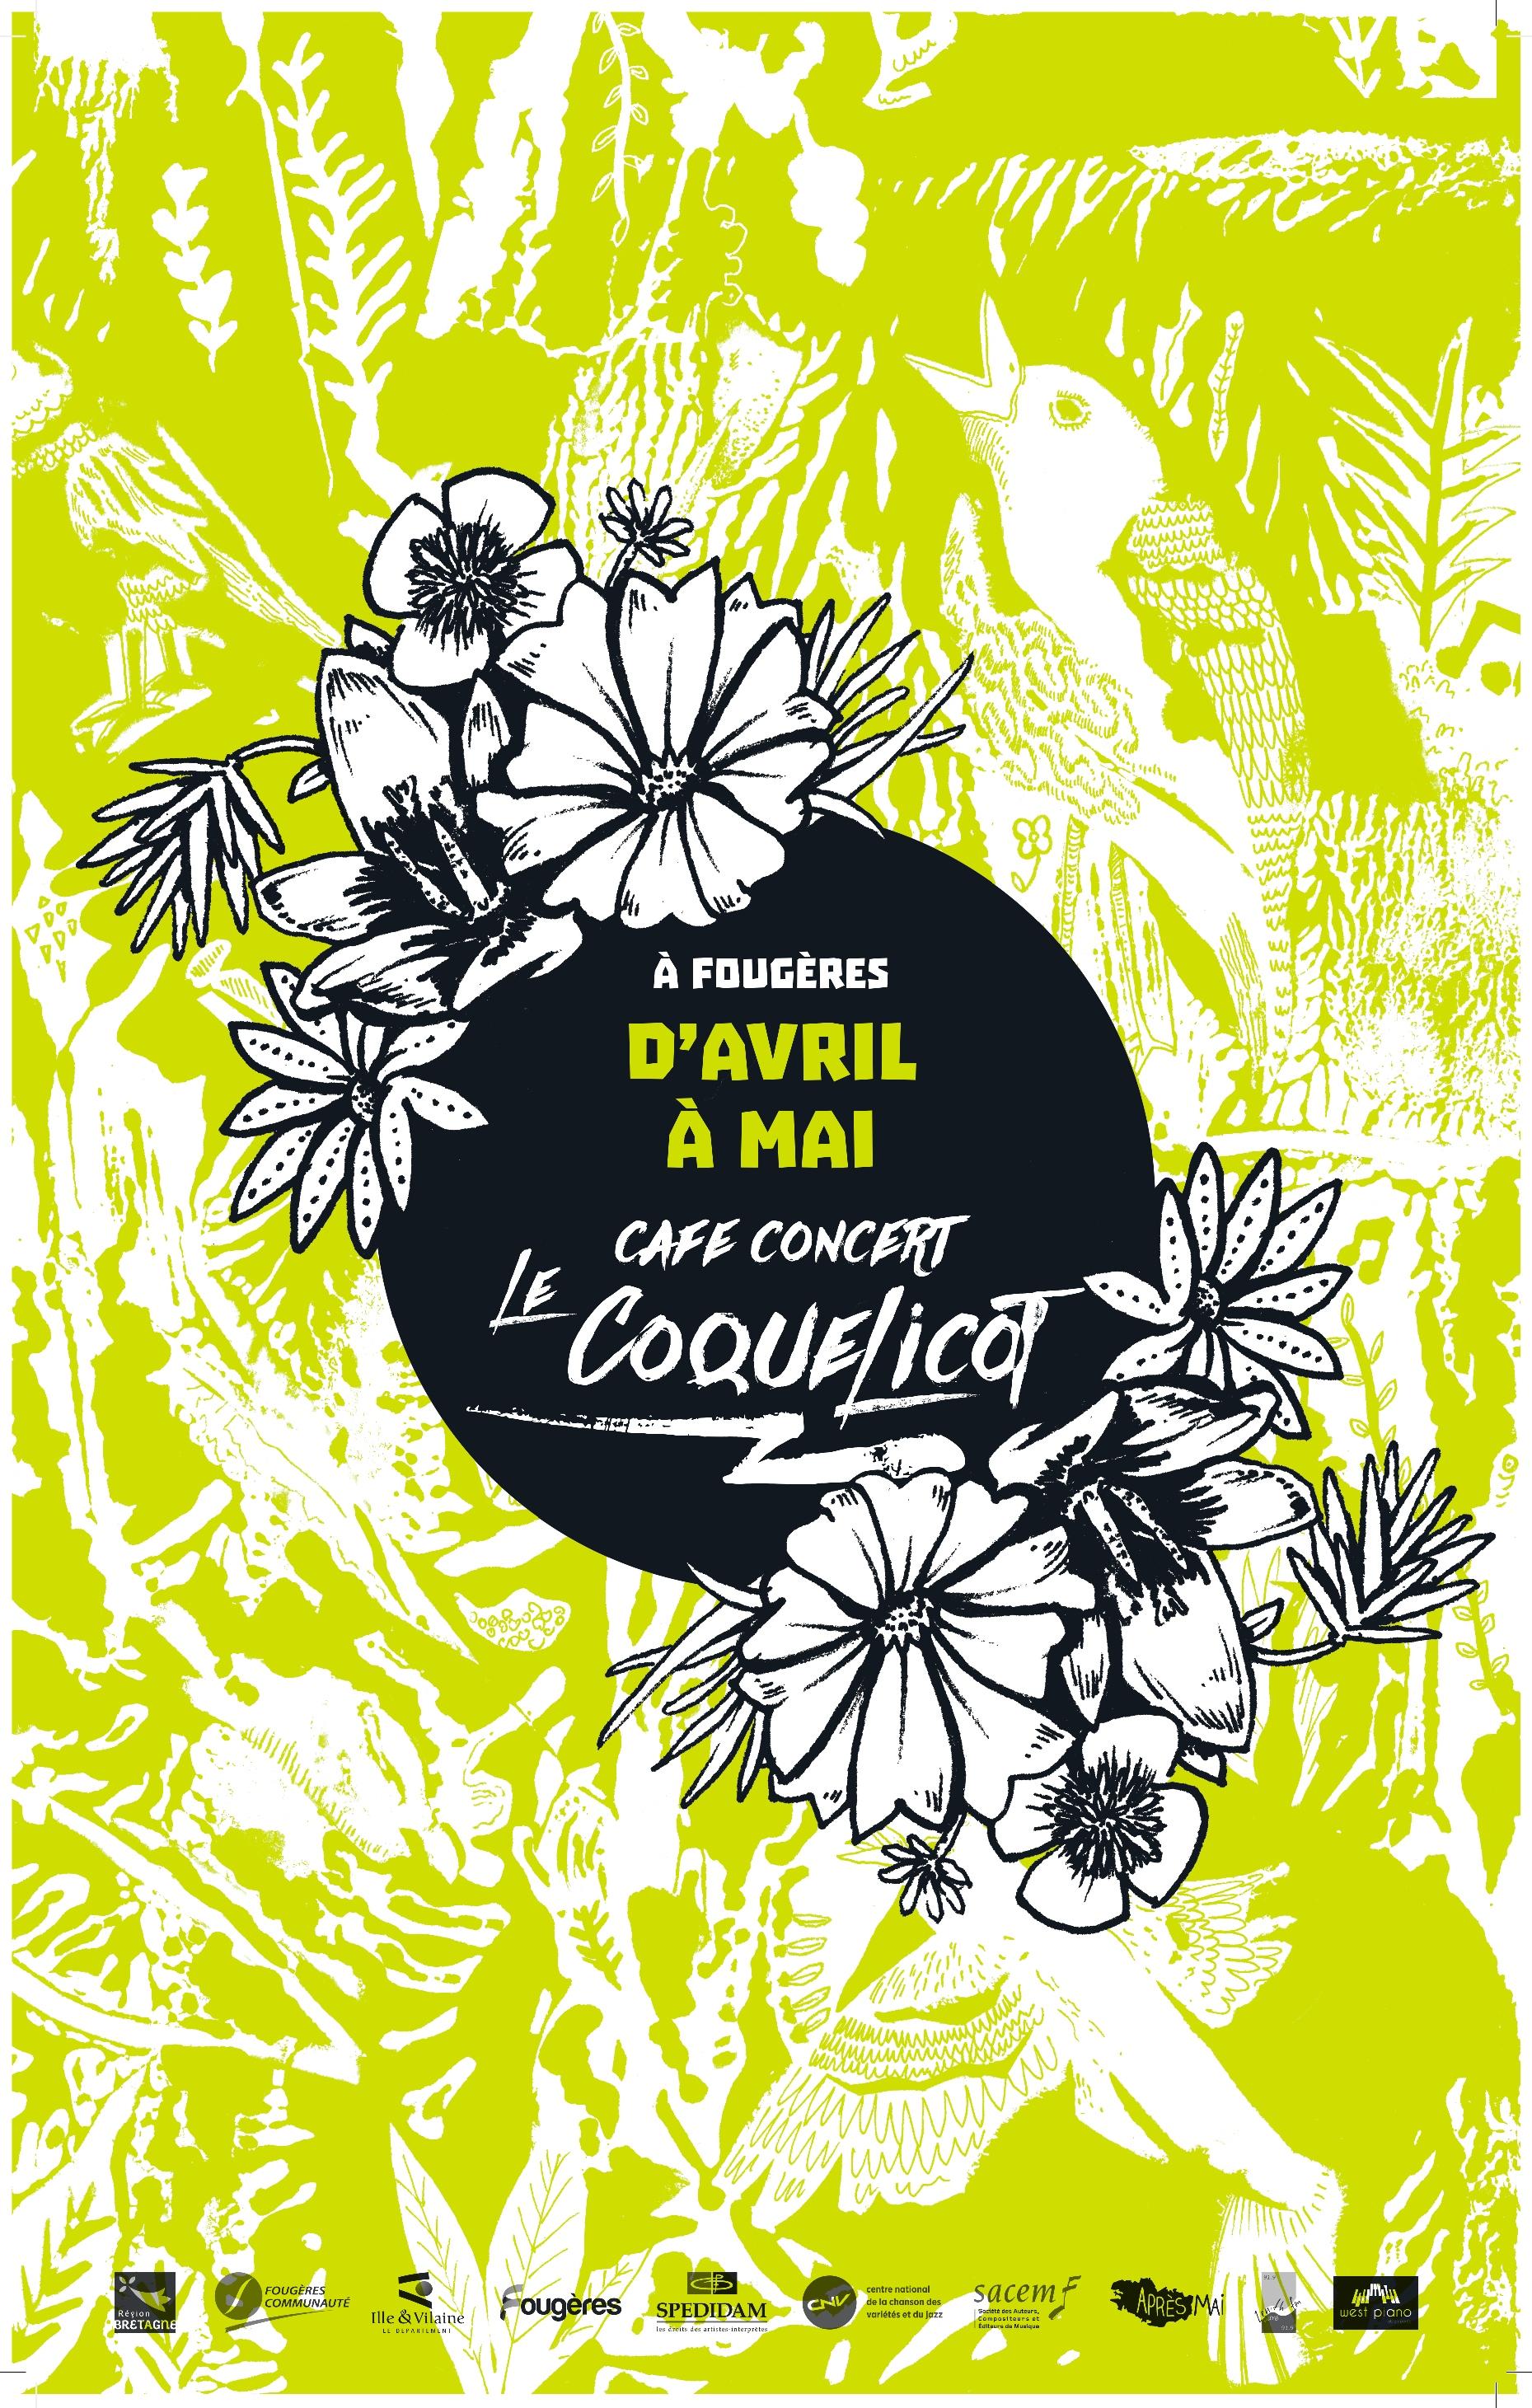 http://www.le-coquelicot.fr/wp-content/uploads/2017/04/affiche-programme-printemps-1.jpg